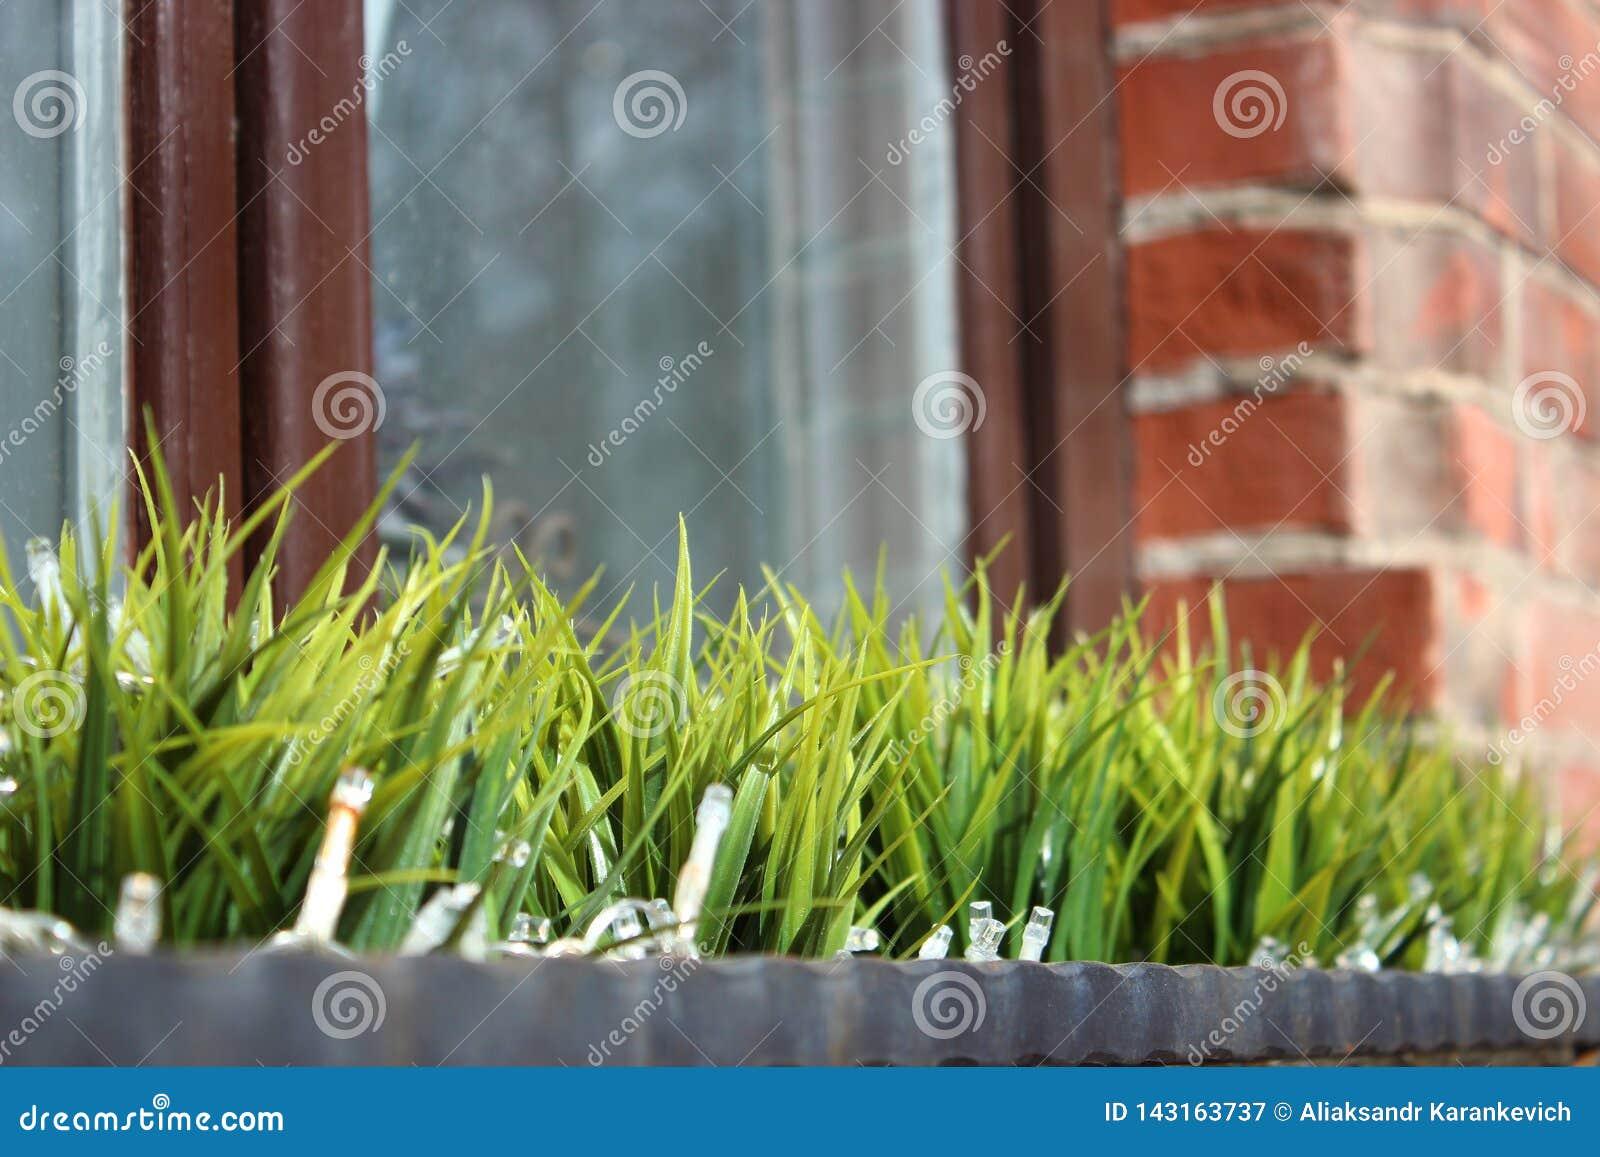 Pierwszy roślinność po zimy, nadokienna dekoracja trawa w wazie przeciw okno i ścianie z cegieł Częściowa ostrość